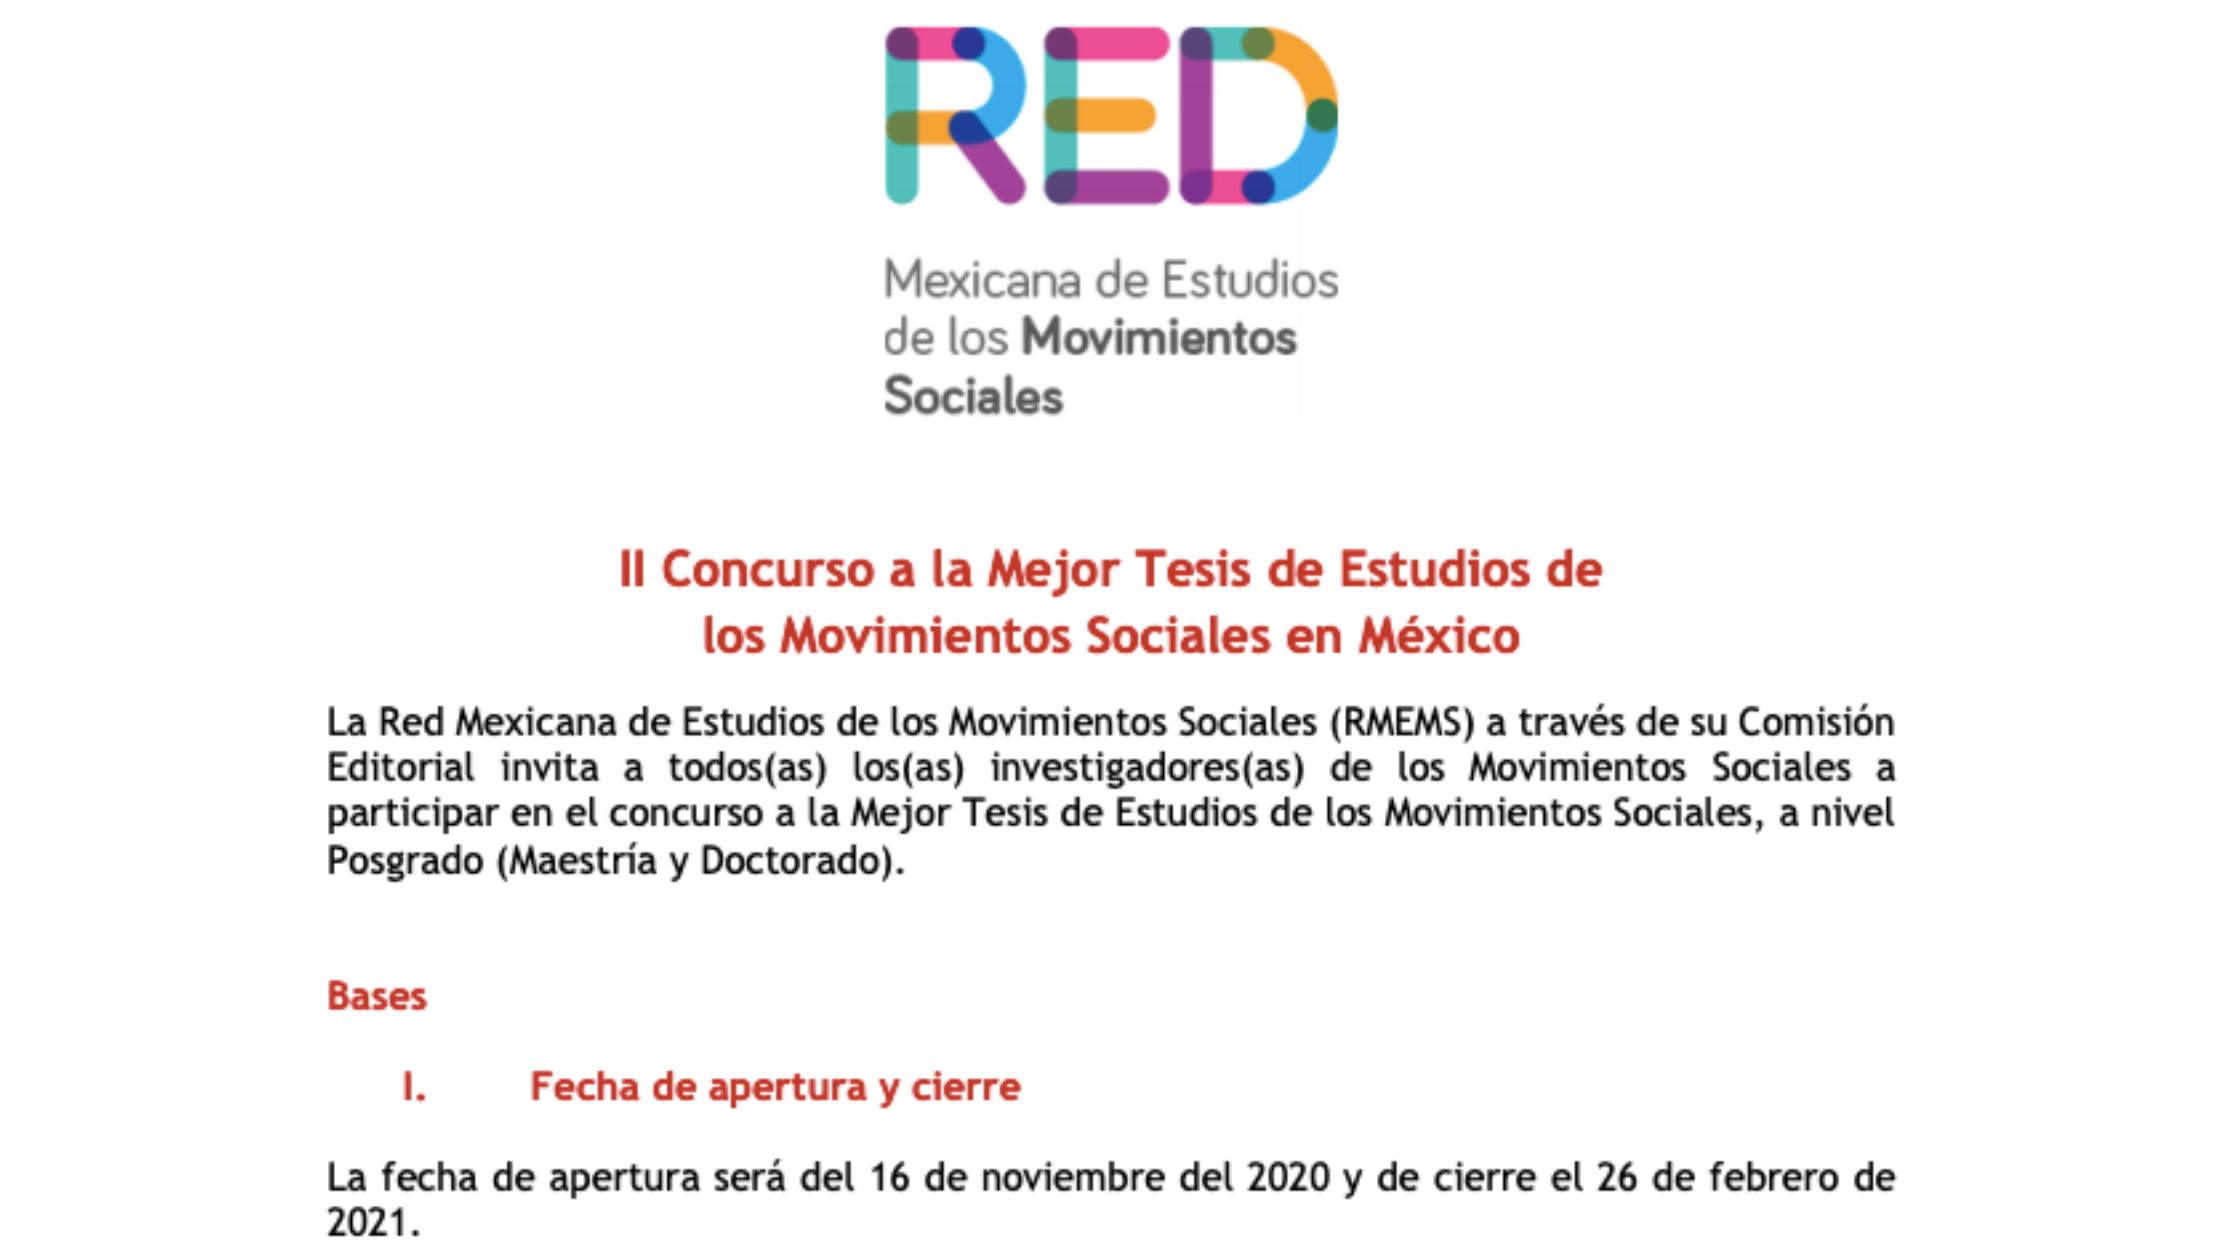 II Concurso de tesis sobre Estudios de los Movimientos Sociales en México